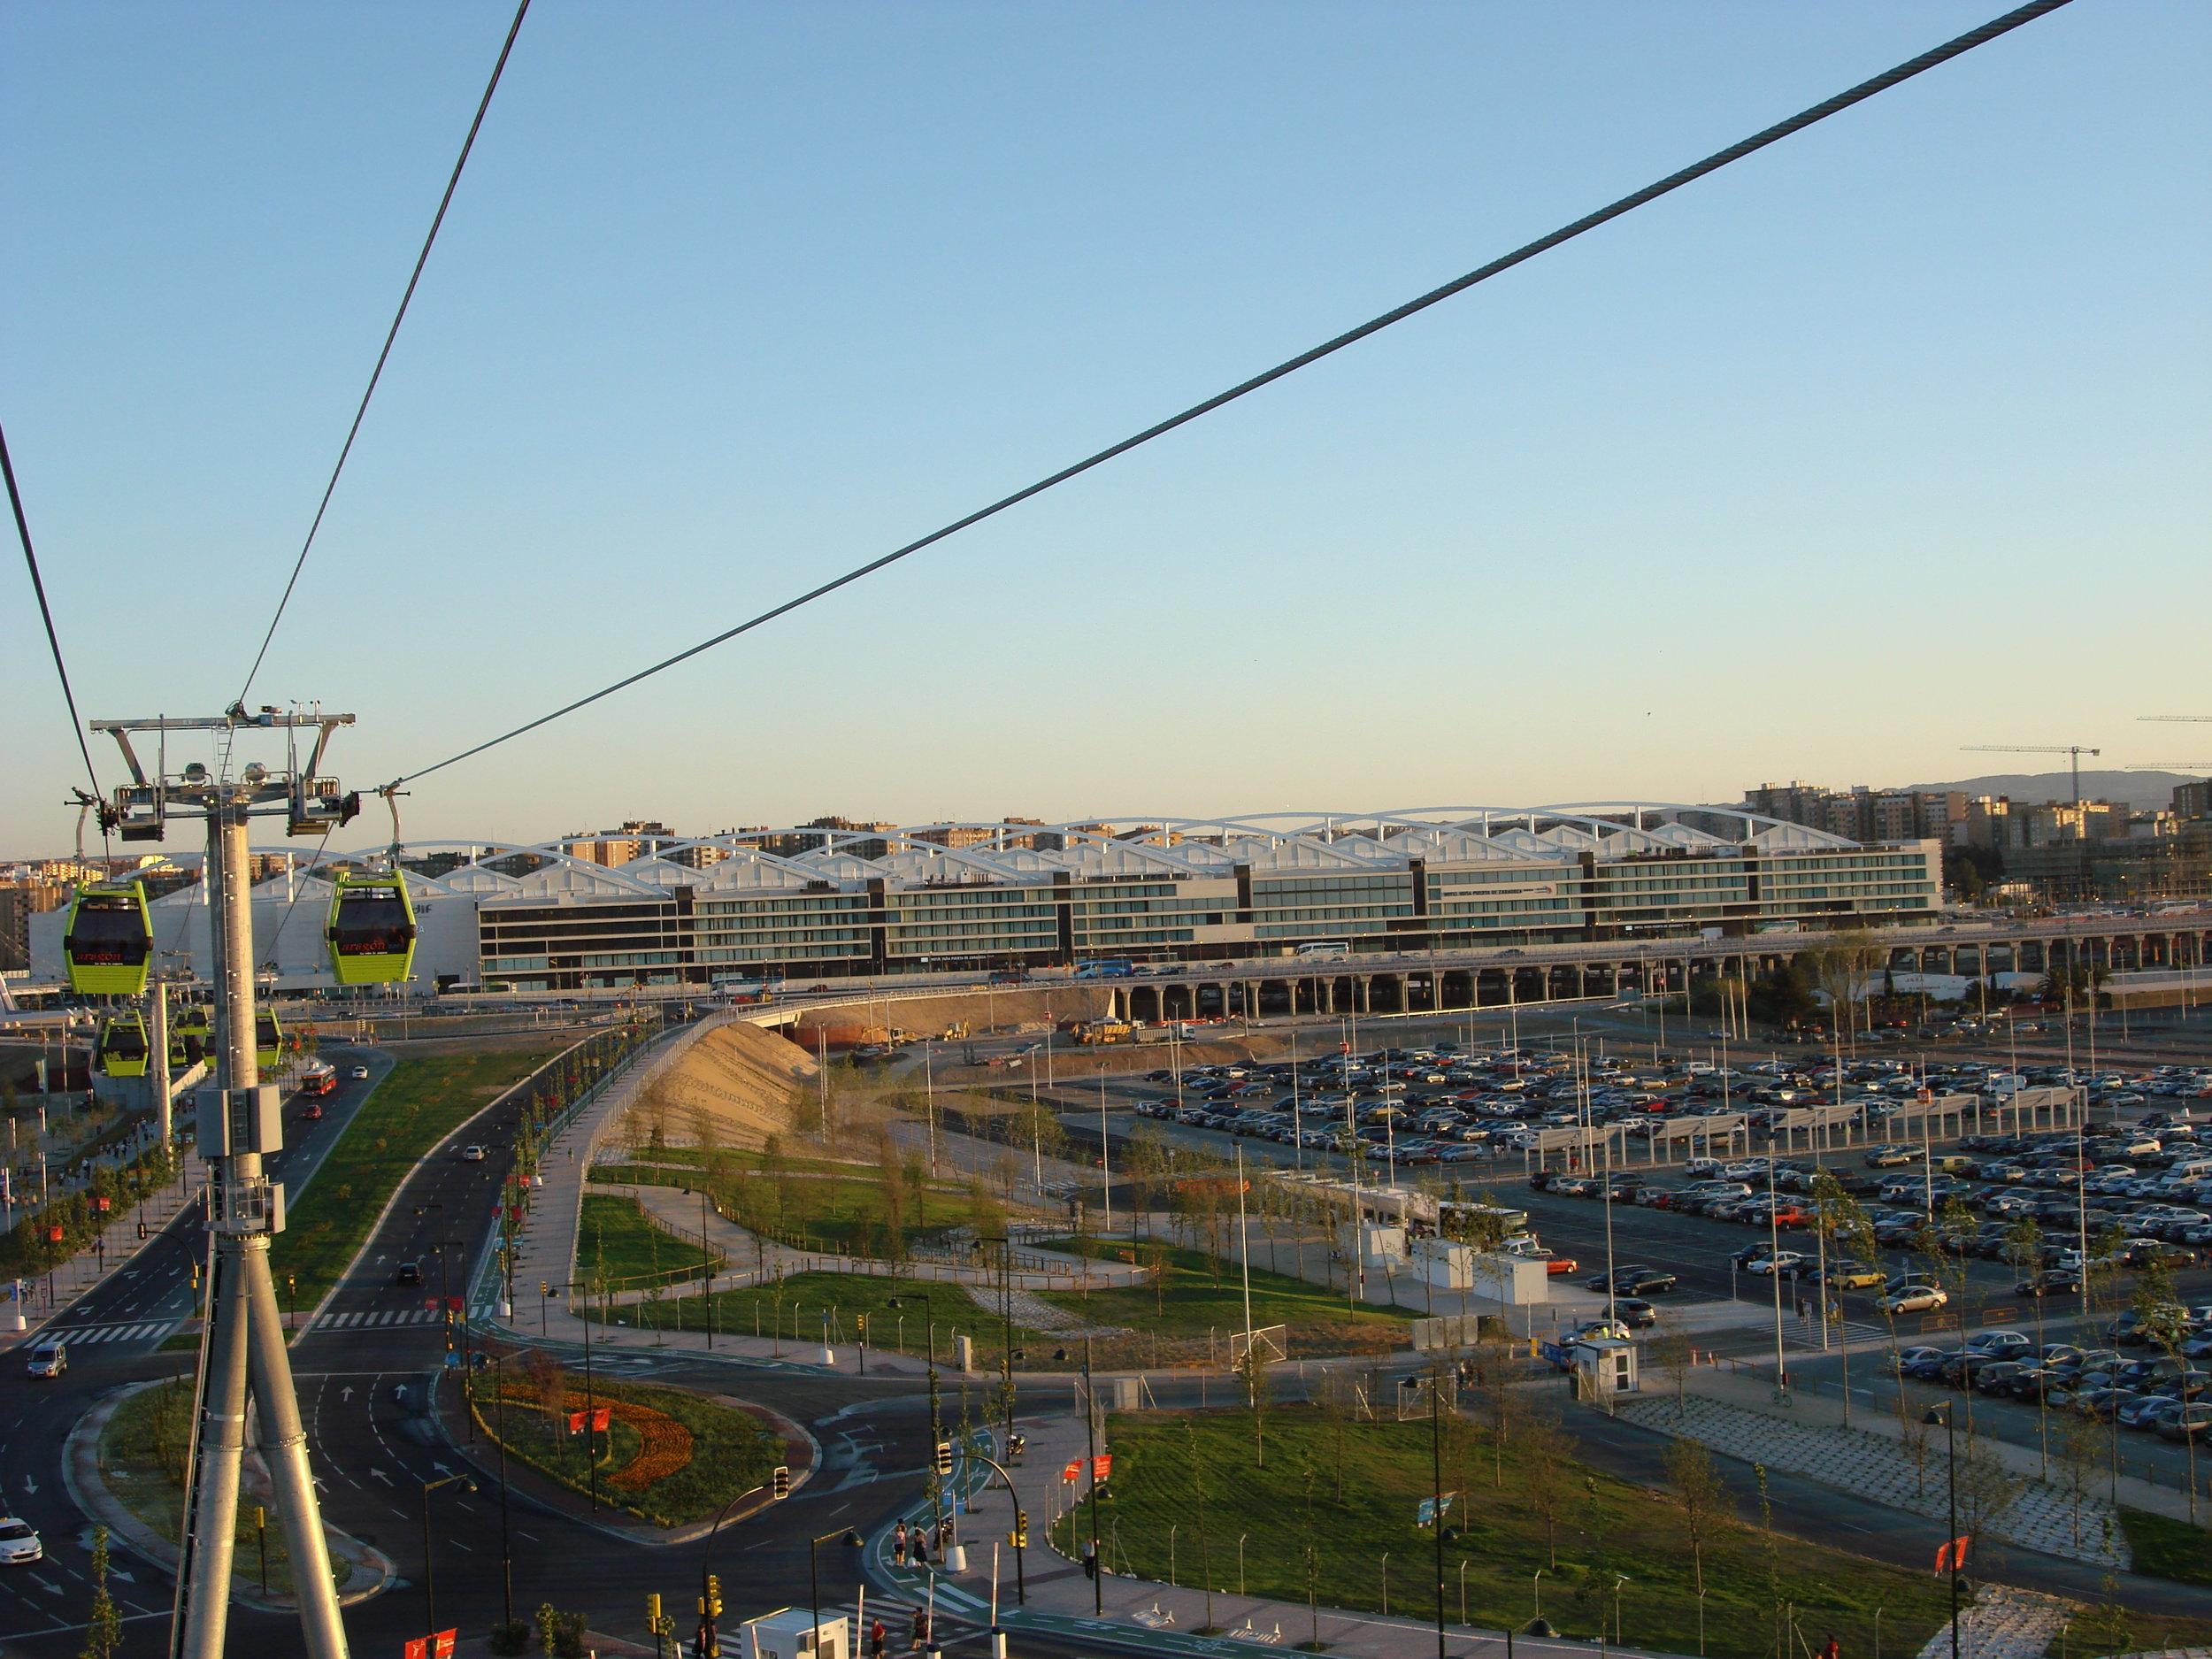 """Pohled na intermodálnístanici Delicias, kde se potkávají vysokorychlostní i konvenční vlakové spoje, ale i autobusy. Jedná se o pozoruhodnou, nicméně ne praktickou stavbu, která si vyžádala obří investici. Vzhledem k tomu, že nedaleký výstavní areál dopomohl nejen k lepšímu obrazu města, ale i kapsám politiků a jim spřátelených osob,a pak po třech měsících slávy začal vadnout, neváhaly některé noviny přijít s články typu  """"lanovka, která spojuje mrhání peněz s ruinou"""" ."""